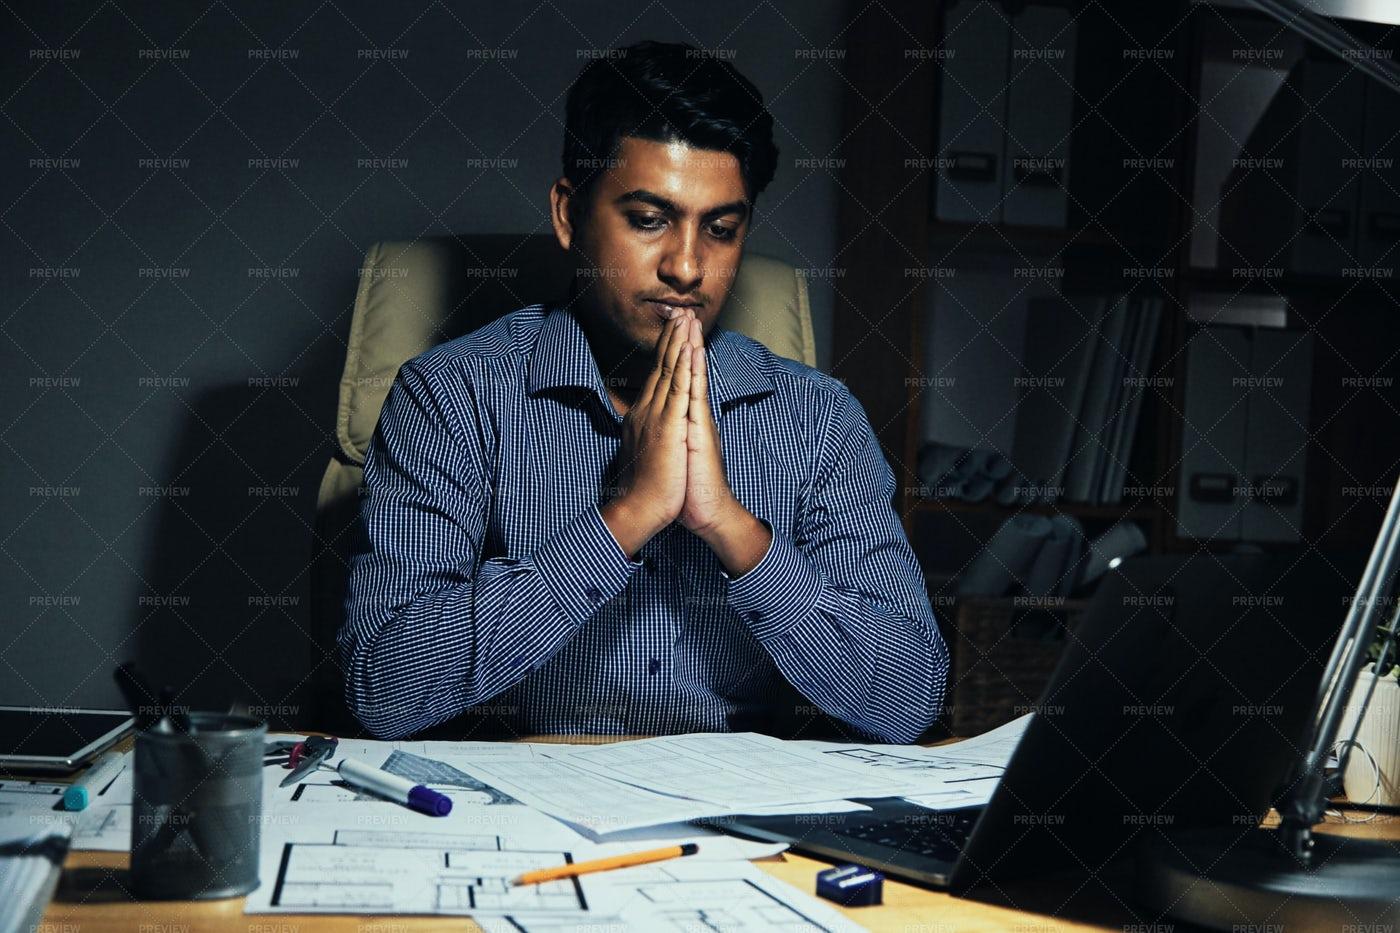 Ethnic Man Praying In Office: Stock Photos